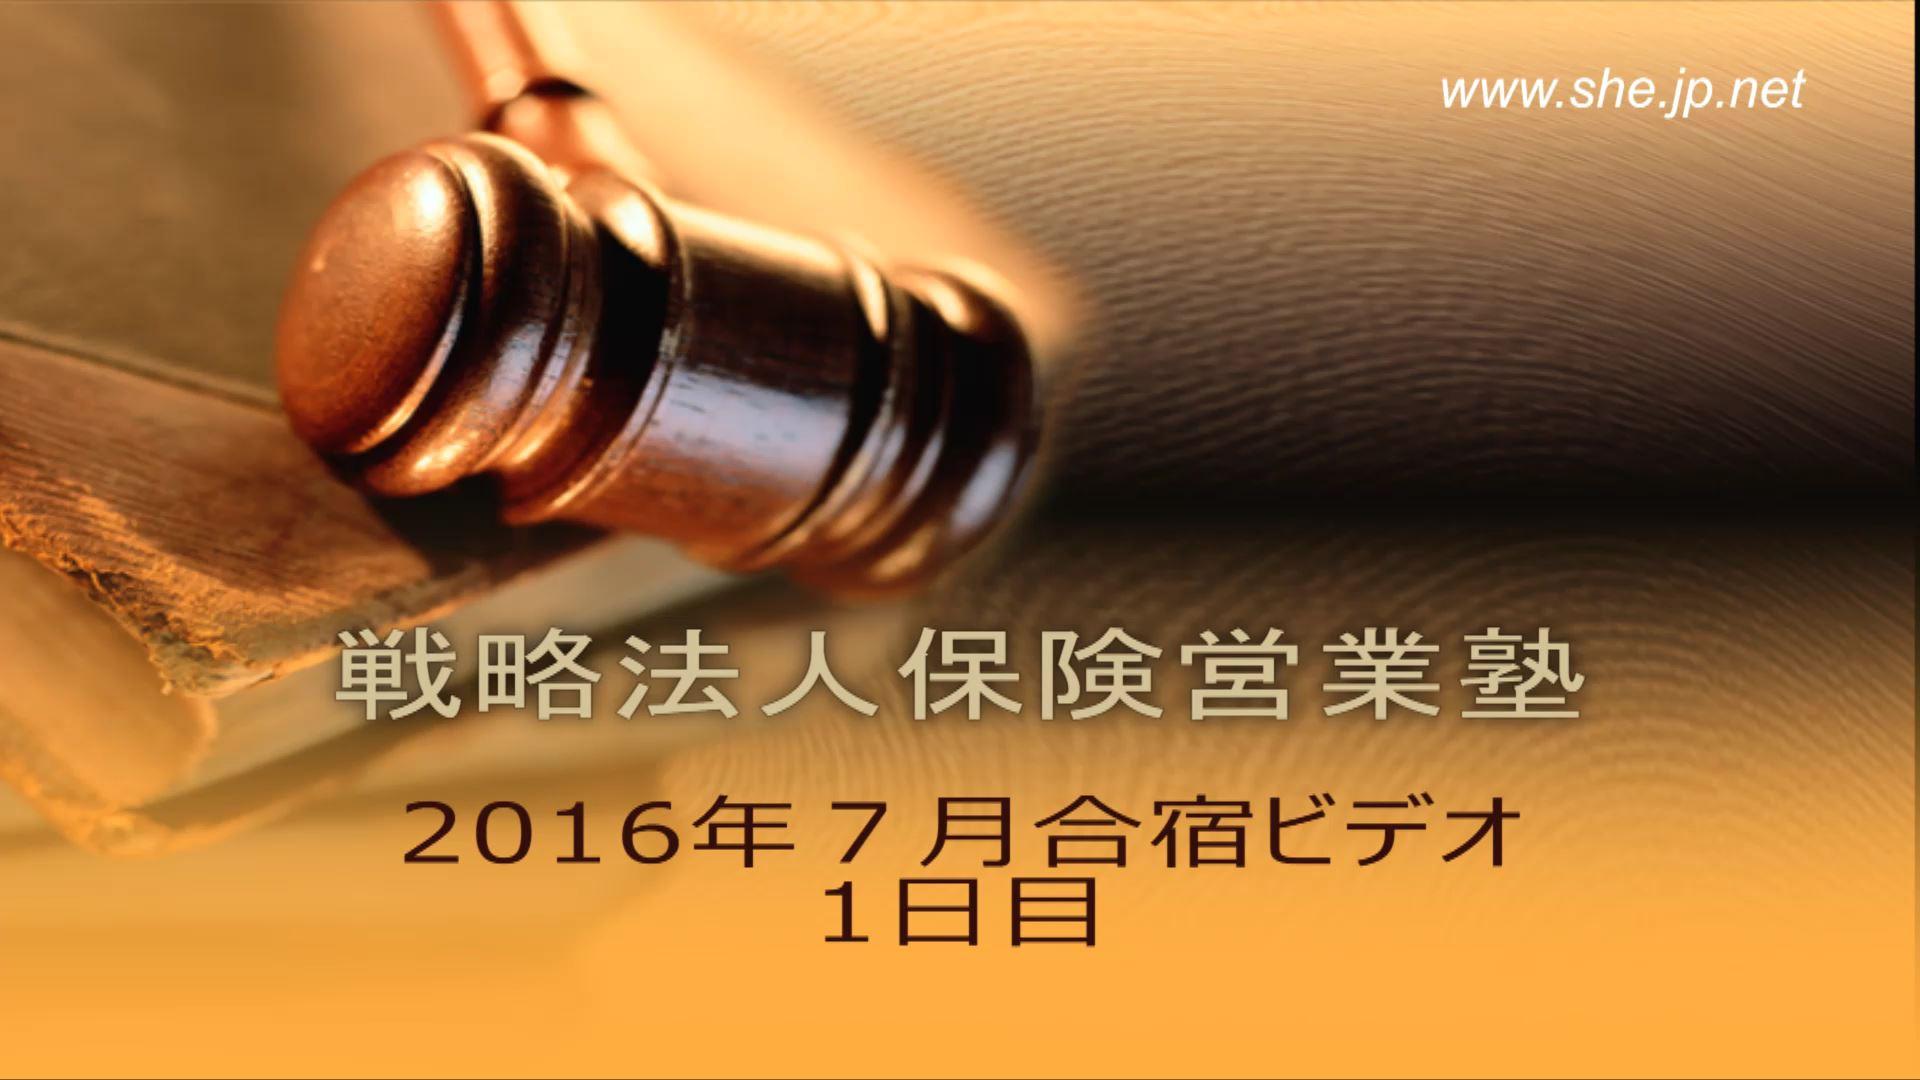 【受講者専用】 2016年7月合宿1日目LiveSHE勉強会ビデオ(メンバー限定)